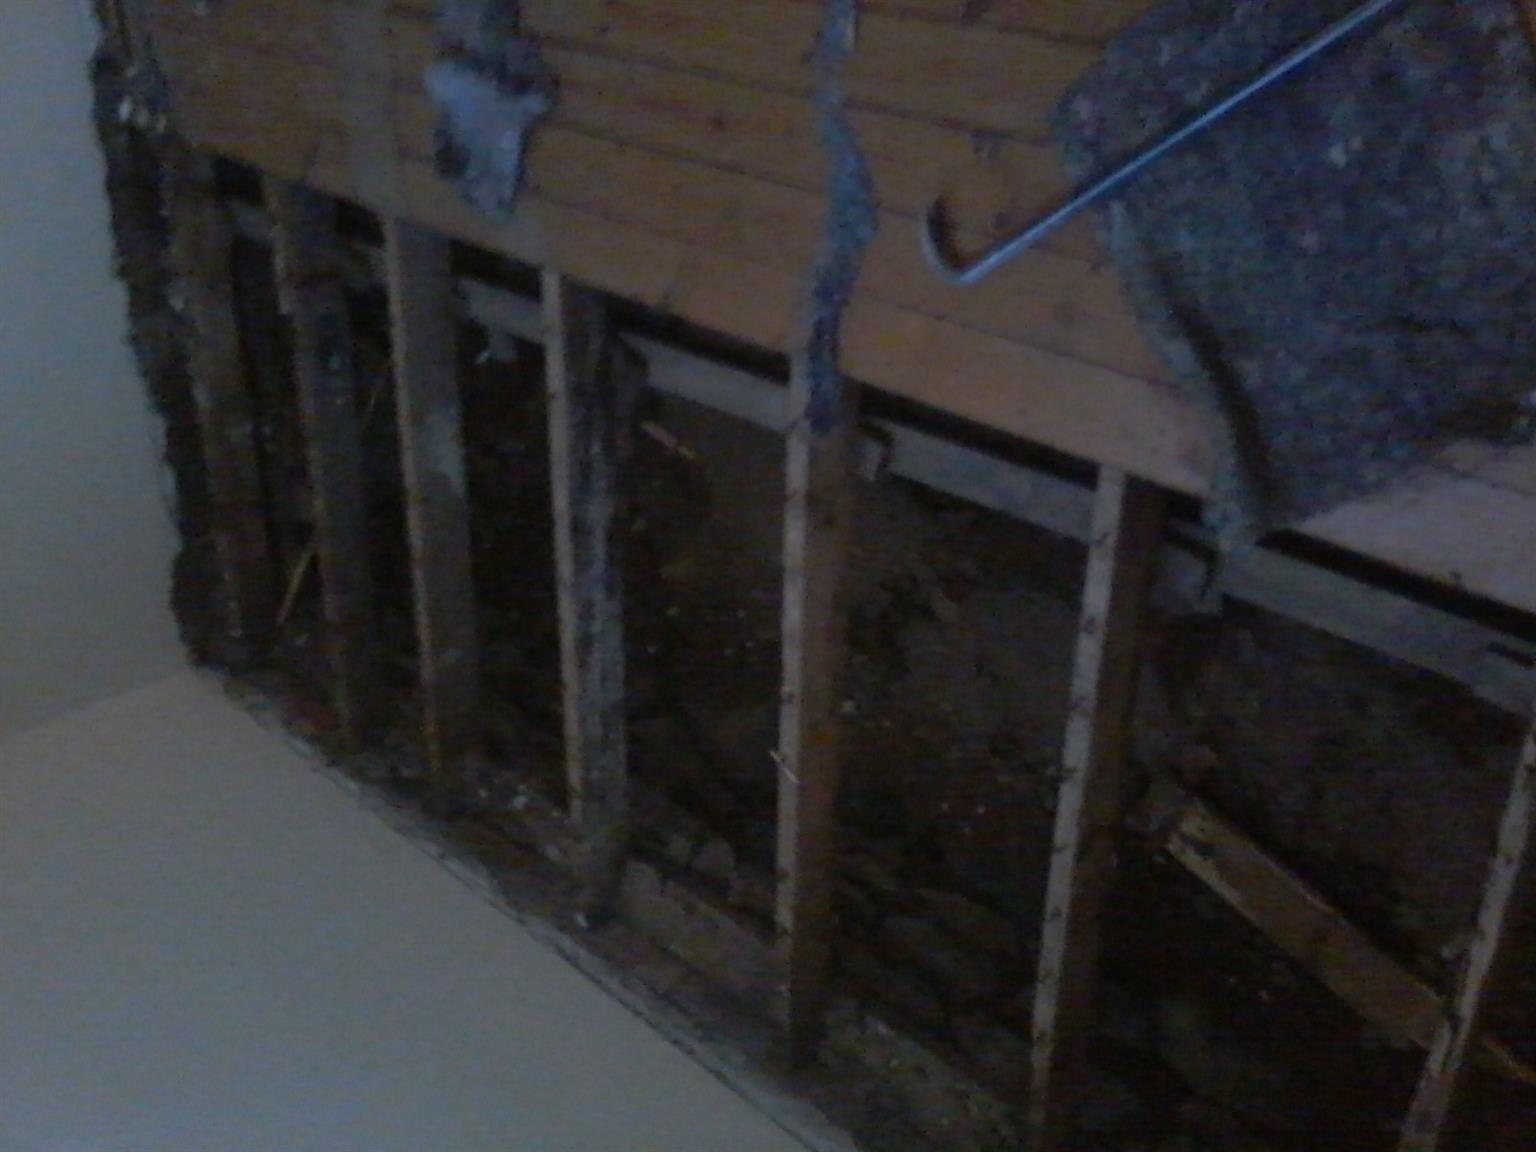 We buy and strip old wooden floors,truses,celling,doors etc